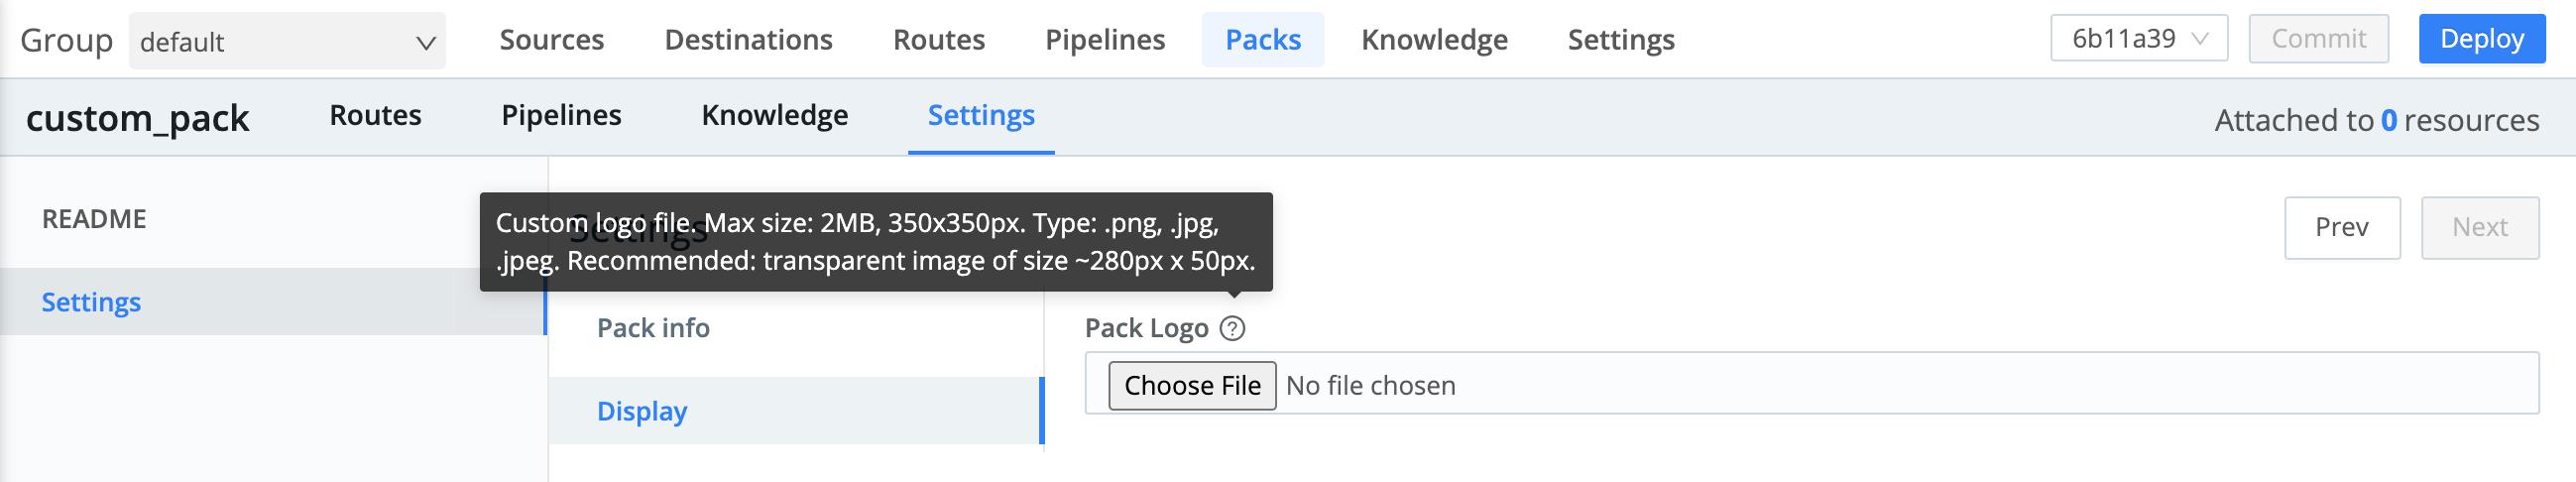 Editing Pack's display (logo) settings